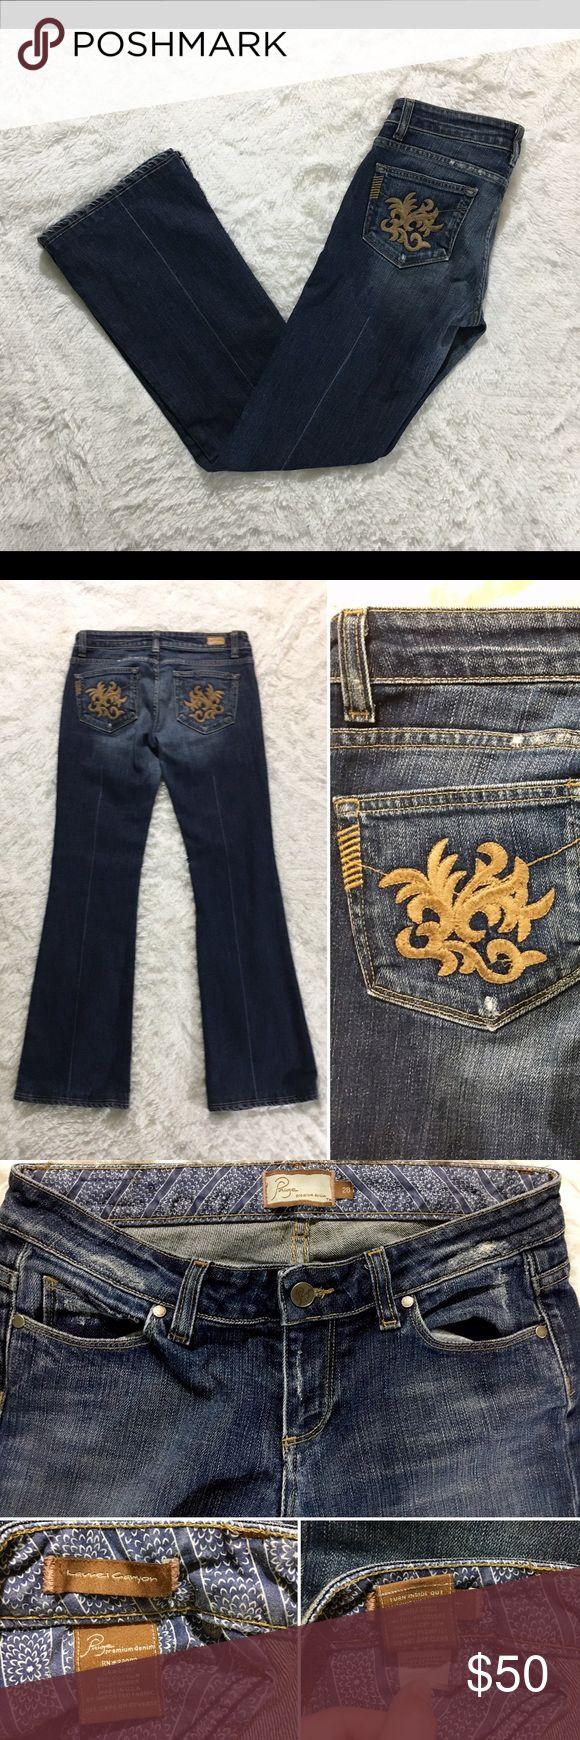 """🆕💛 Paige Premium Denim Size 28 EUC, don't show wear! --  PAIGE Premium Denim Laurel Canyon --  Size 28, 37.5"""" long, 31"""" in seam, 15.5"""" across Waist laying down --  Material: 98% Cotton, 2% Spandex --  Description: Bootcut, medium wash, stretchy jeans Paige Jeans Jeans Boot Cut"""